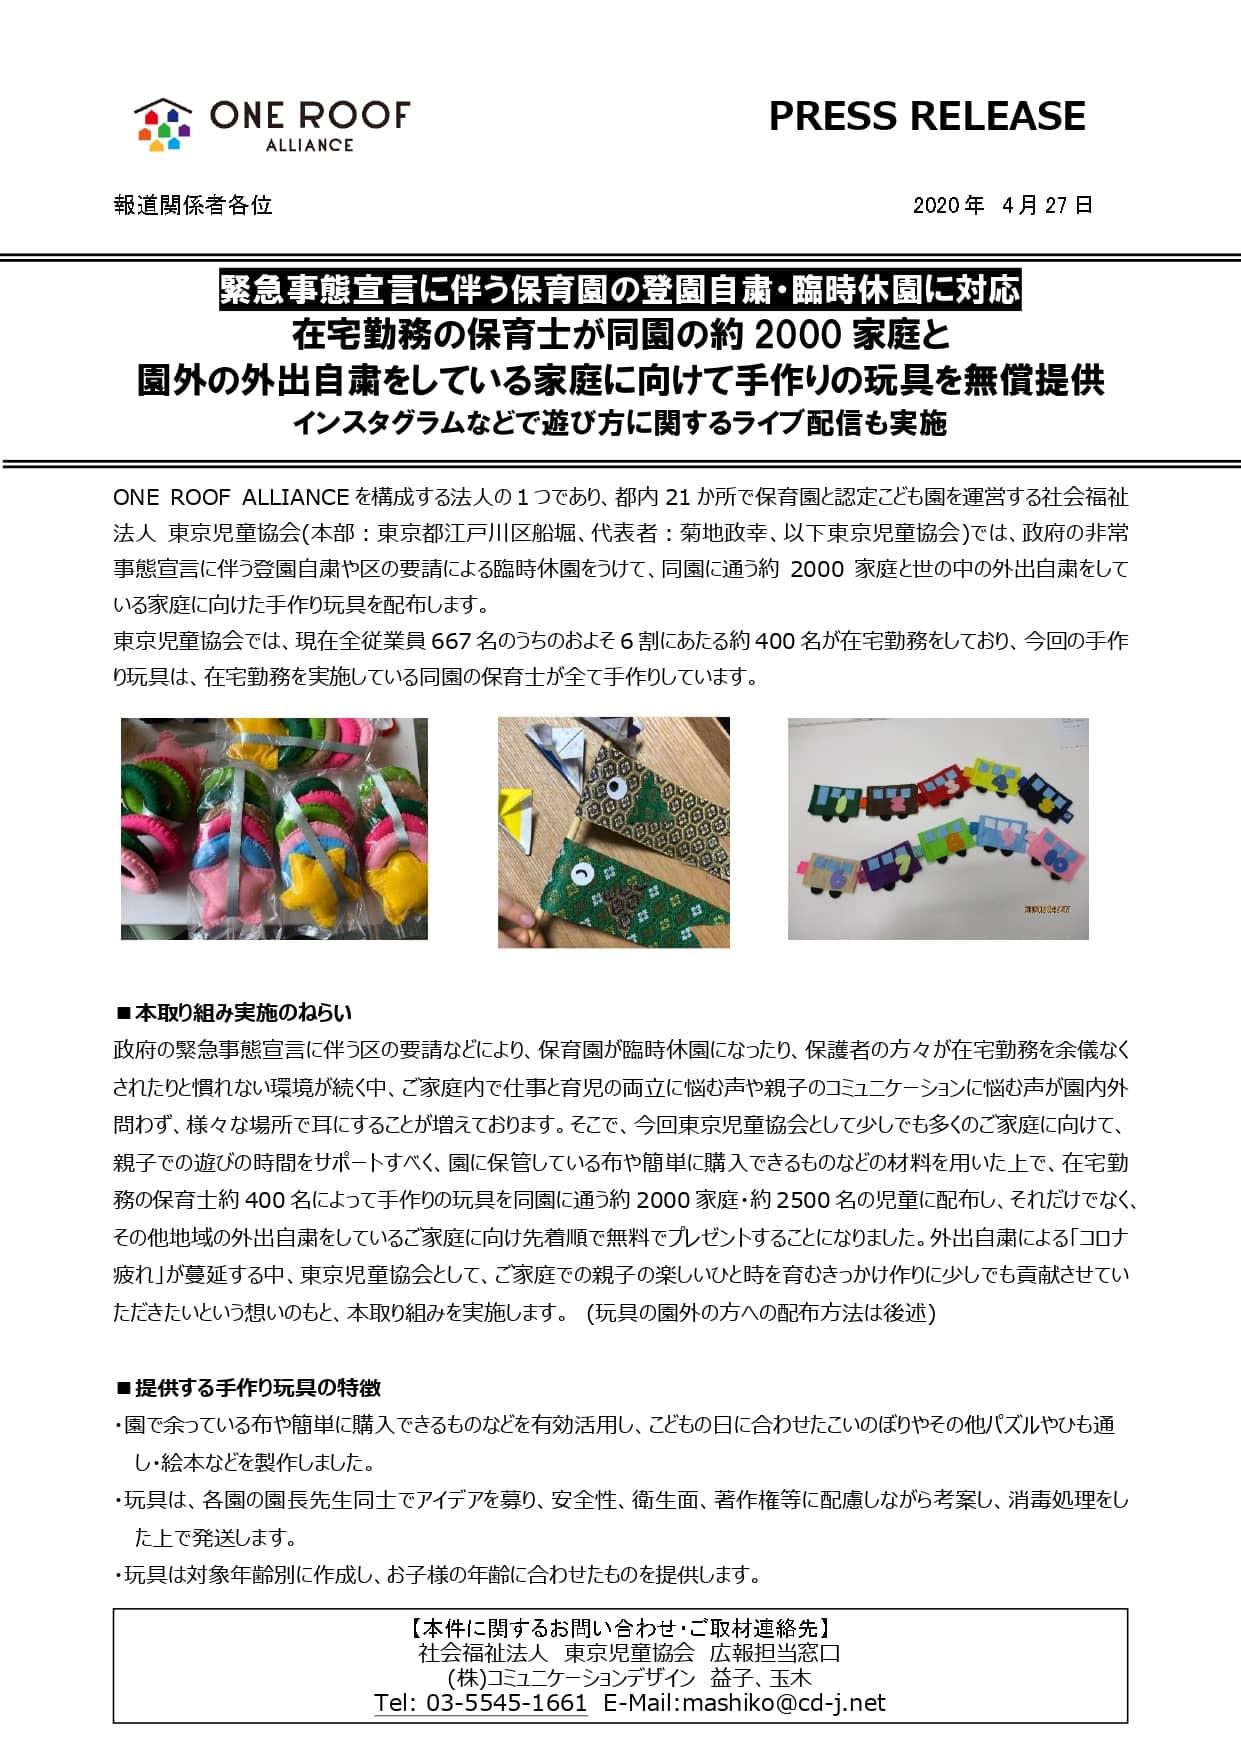 手作り玩具を製作 - プレスリリース